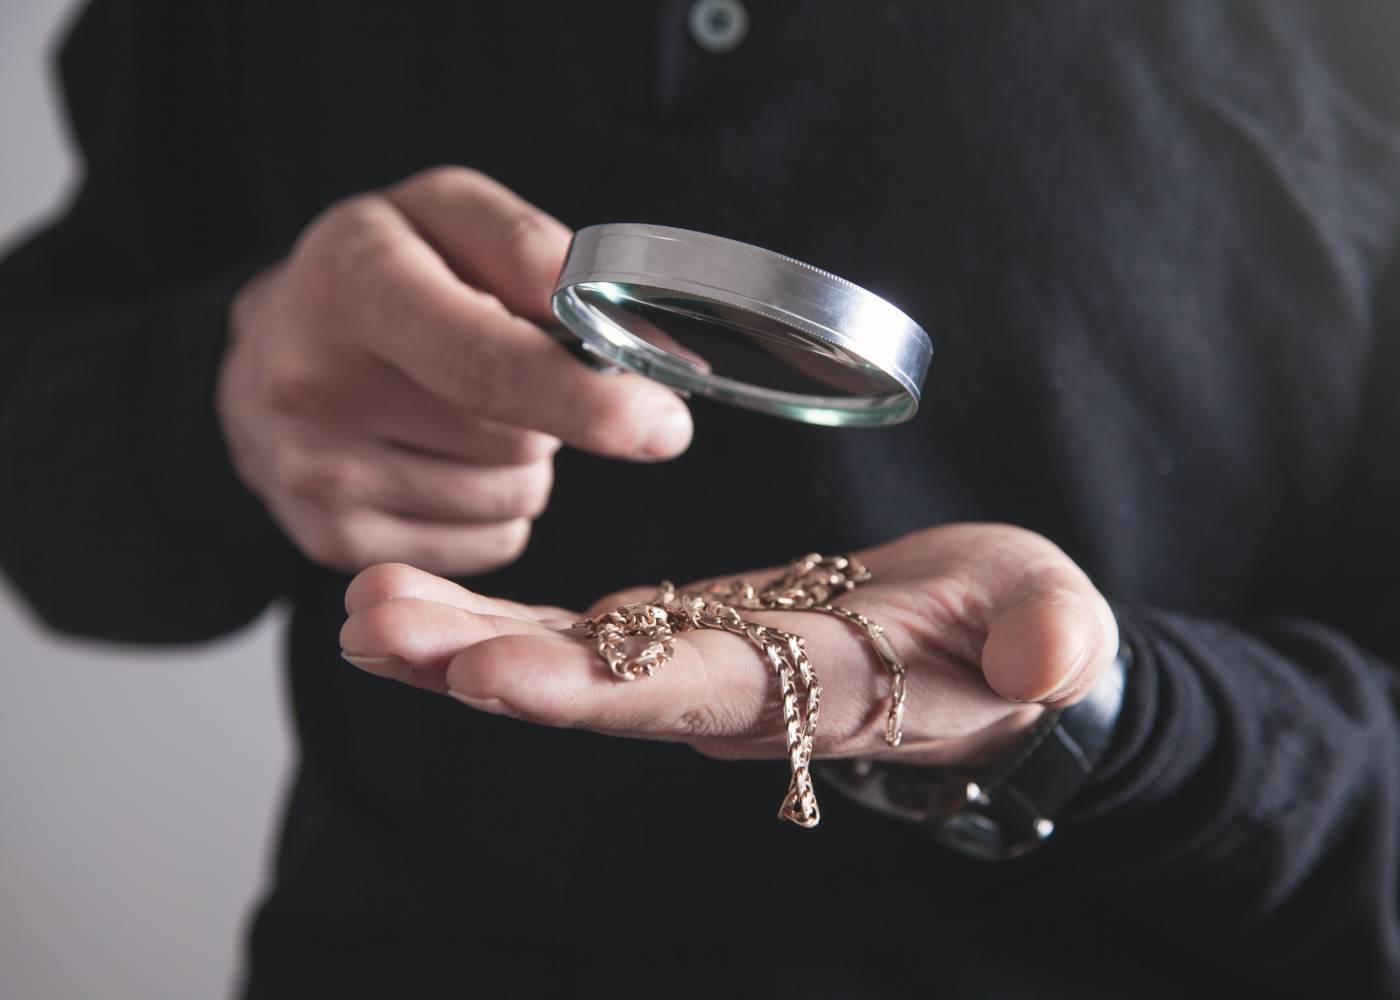 homem avalia ouro usado para vender